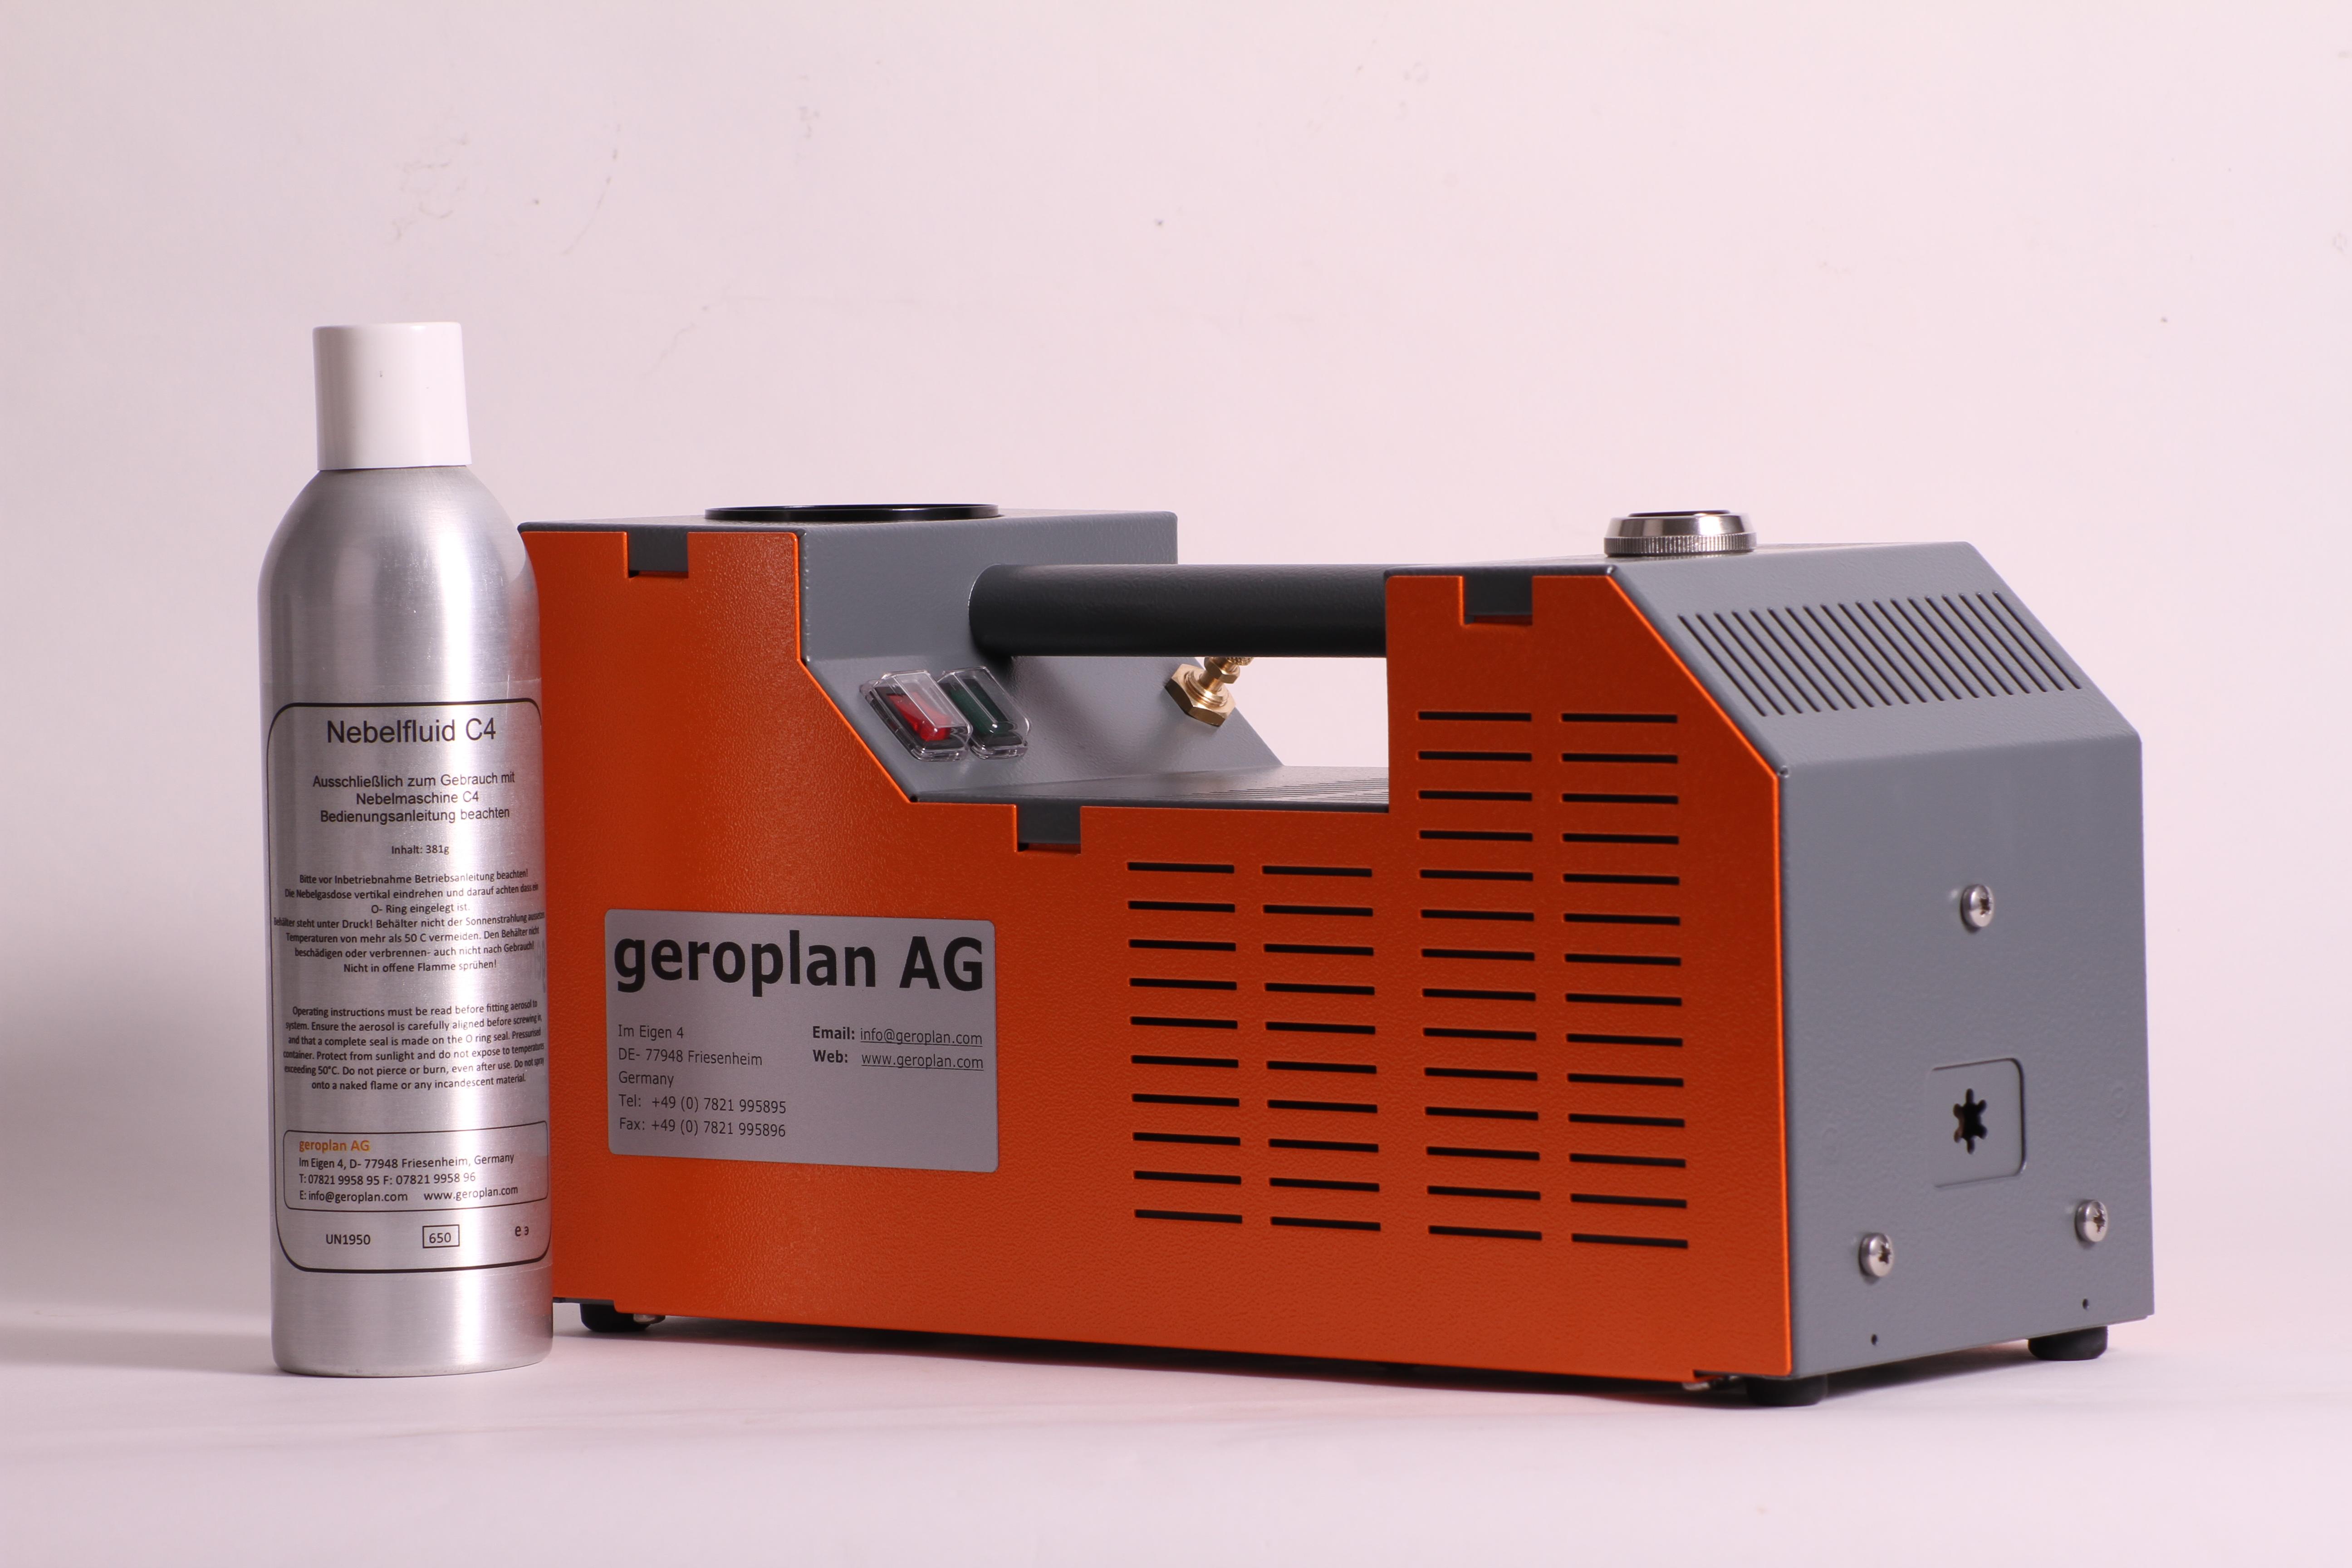 Nebelmaschine-C4 01 -22